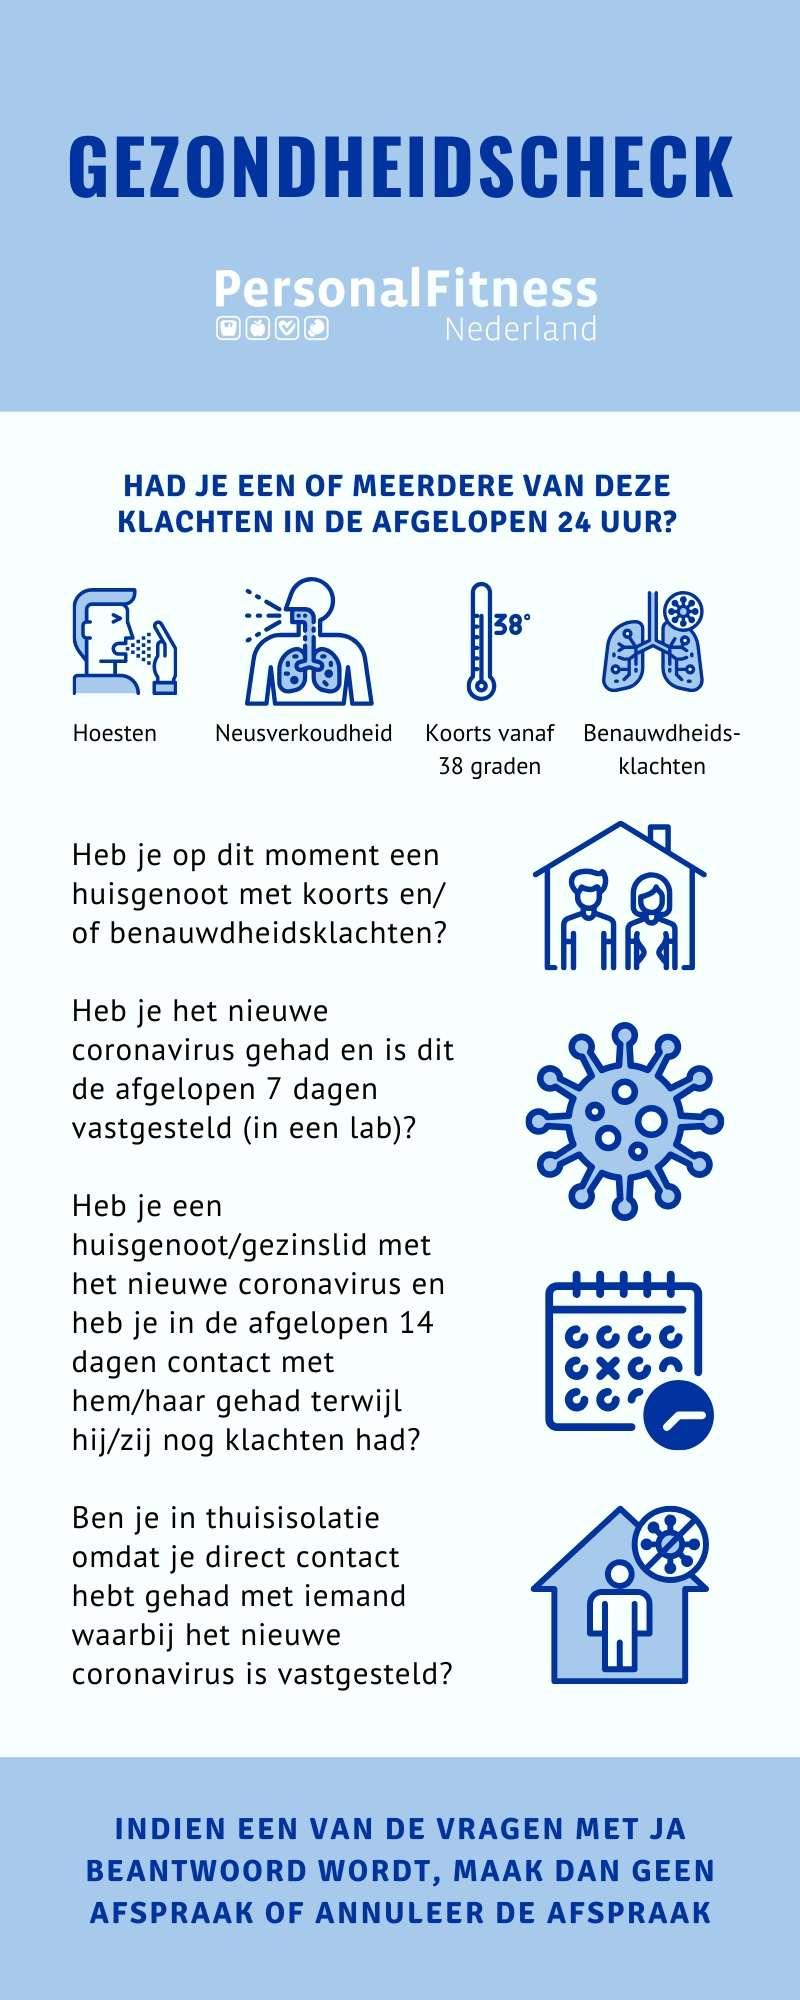 Gezondheidscheck Personal Fitness Tilburg